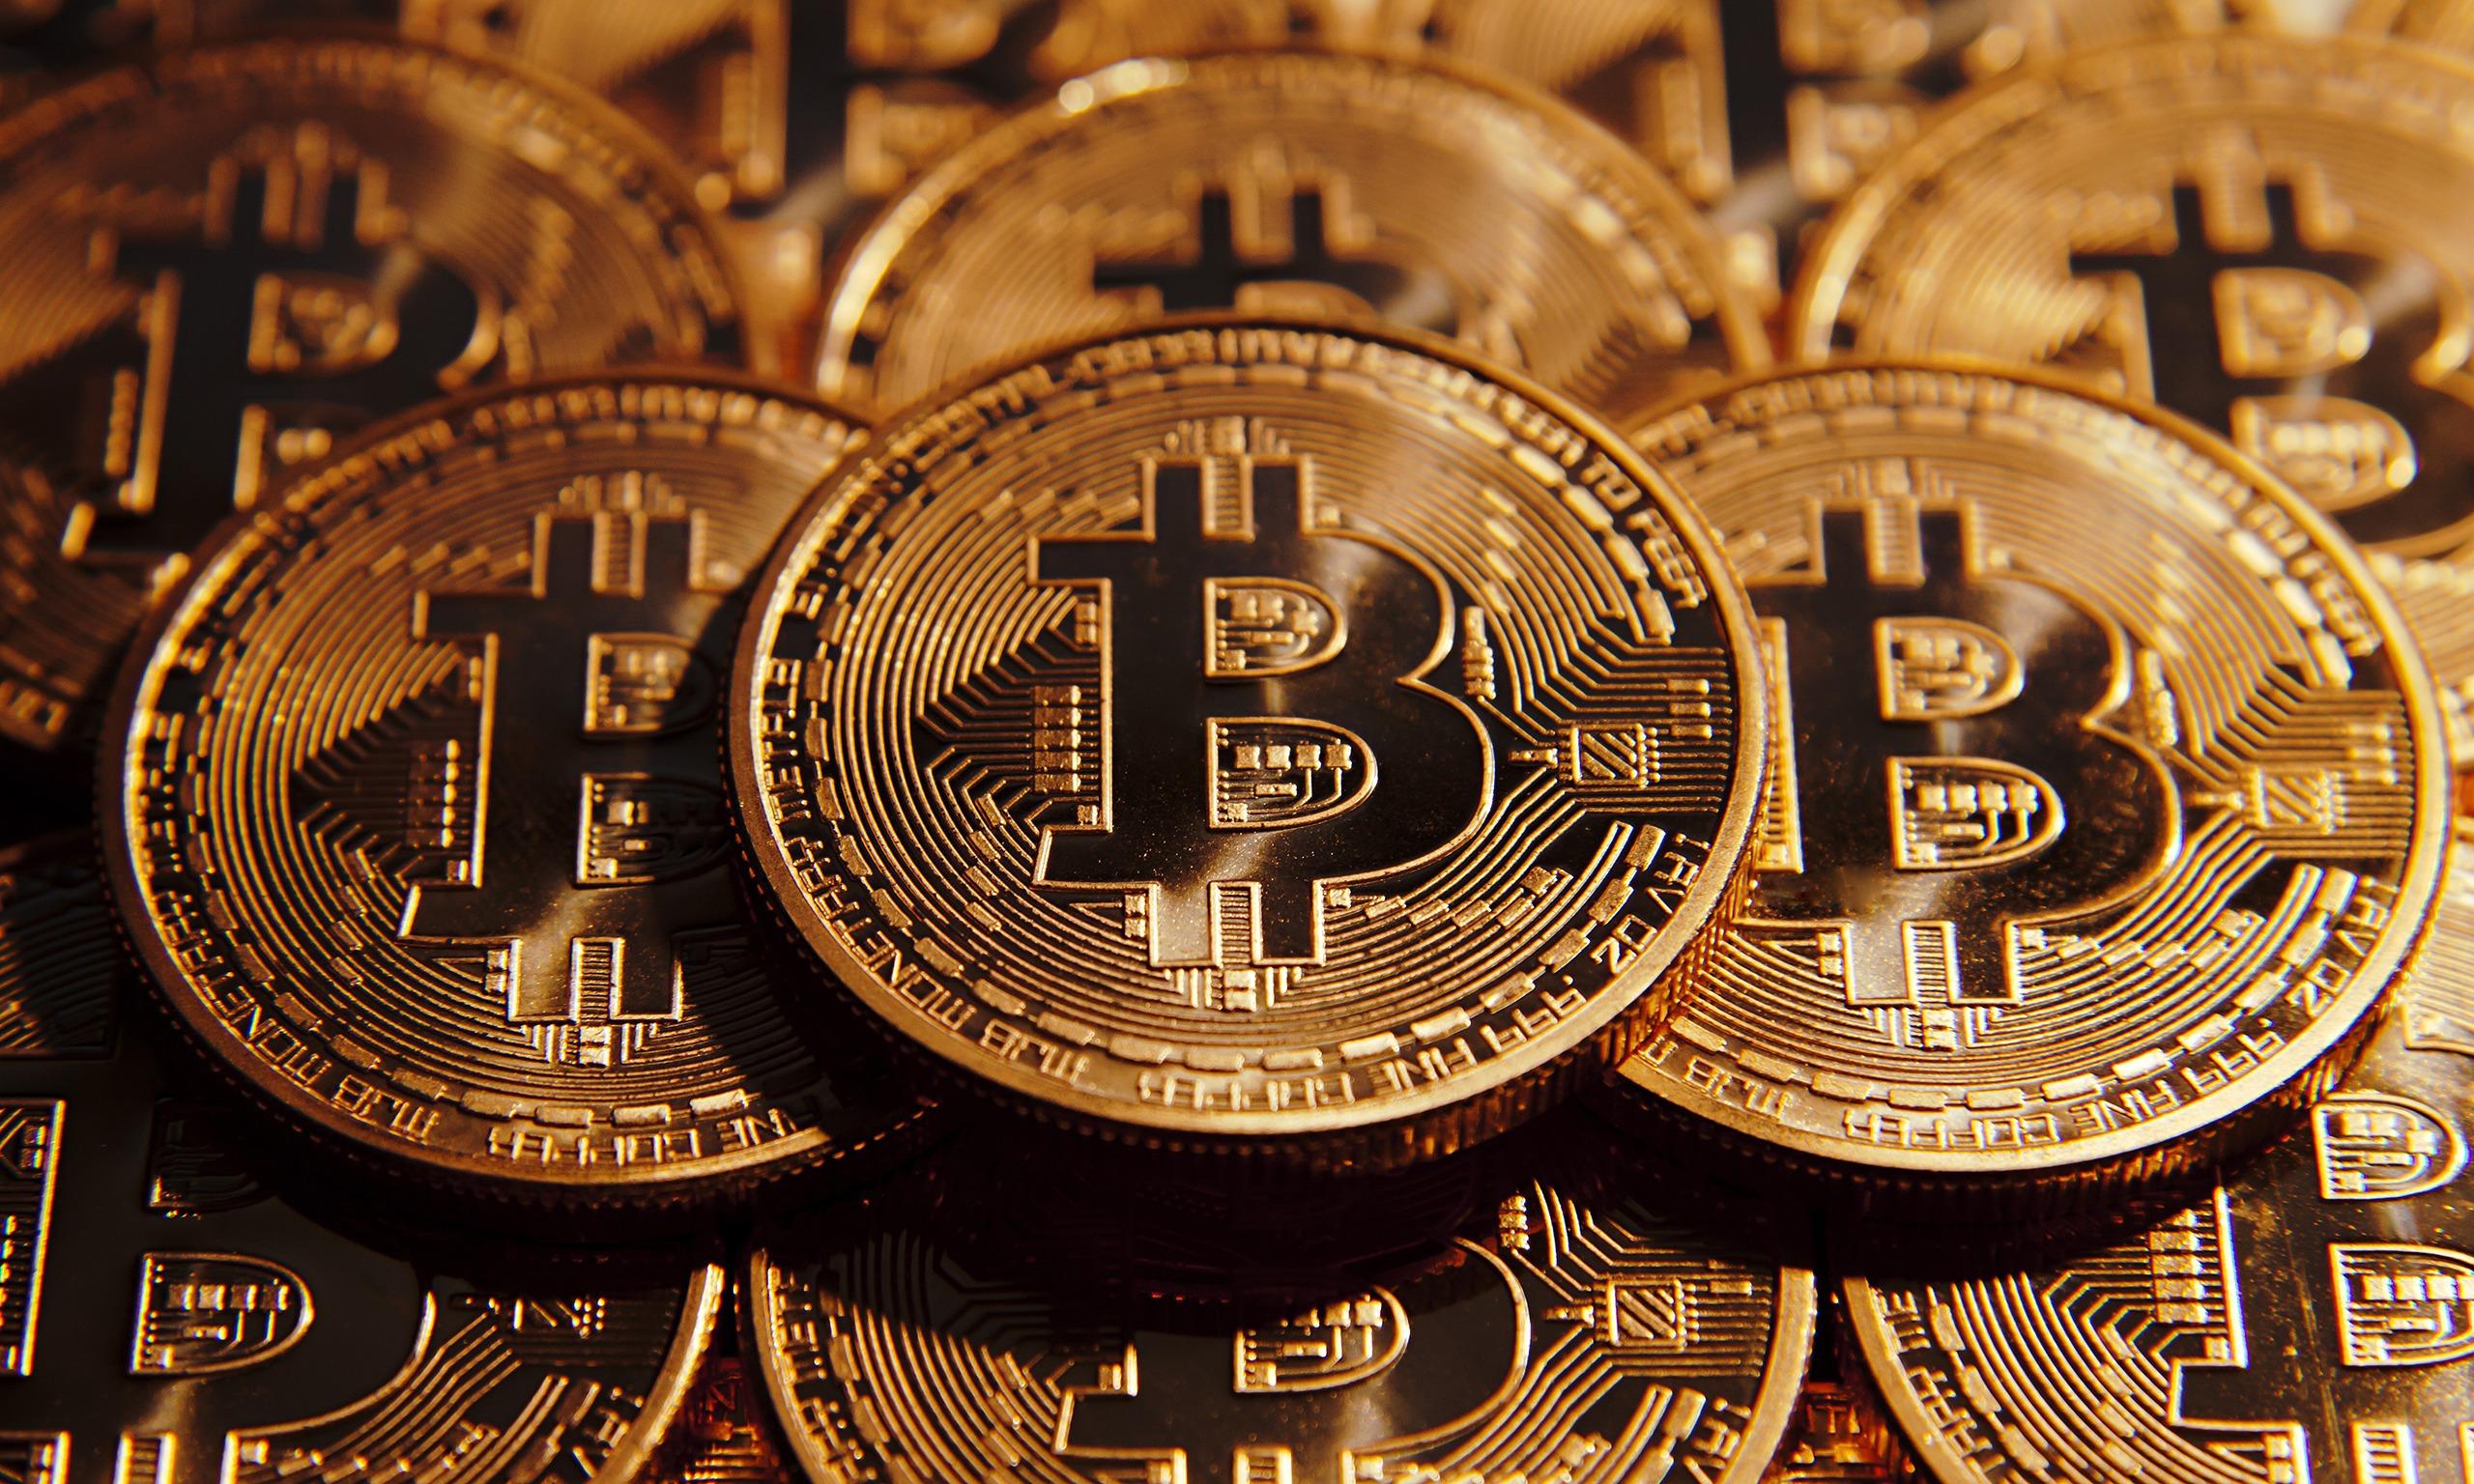 faceți bitcoins rapid foarte mulți diagramă tehnică pentru opțiuni binare